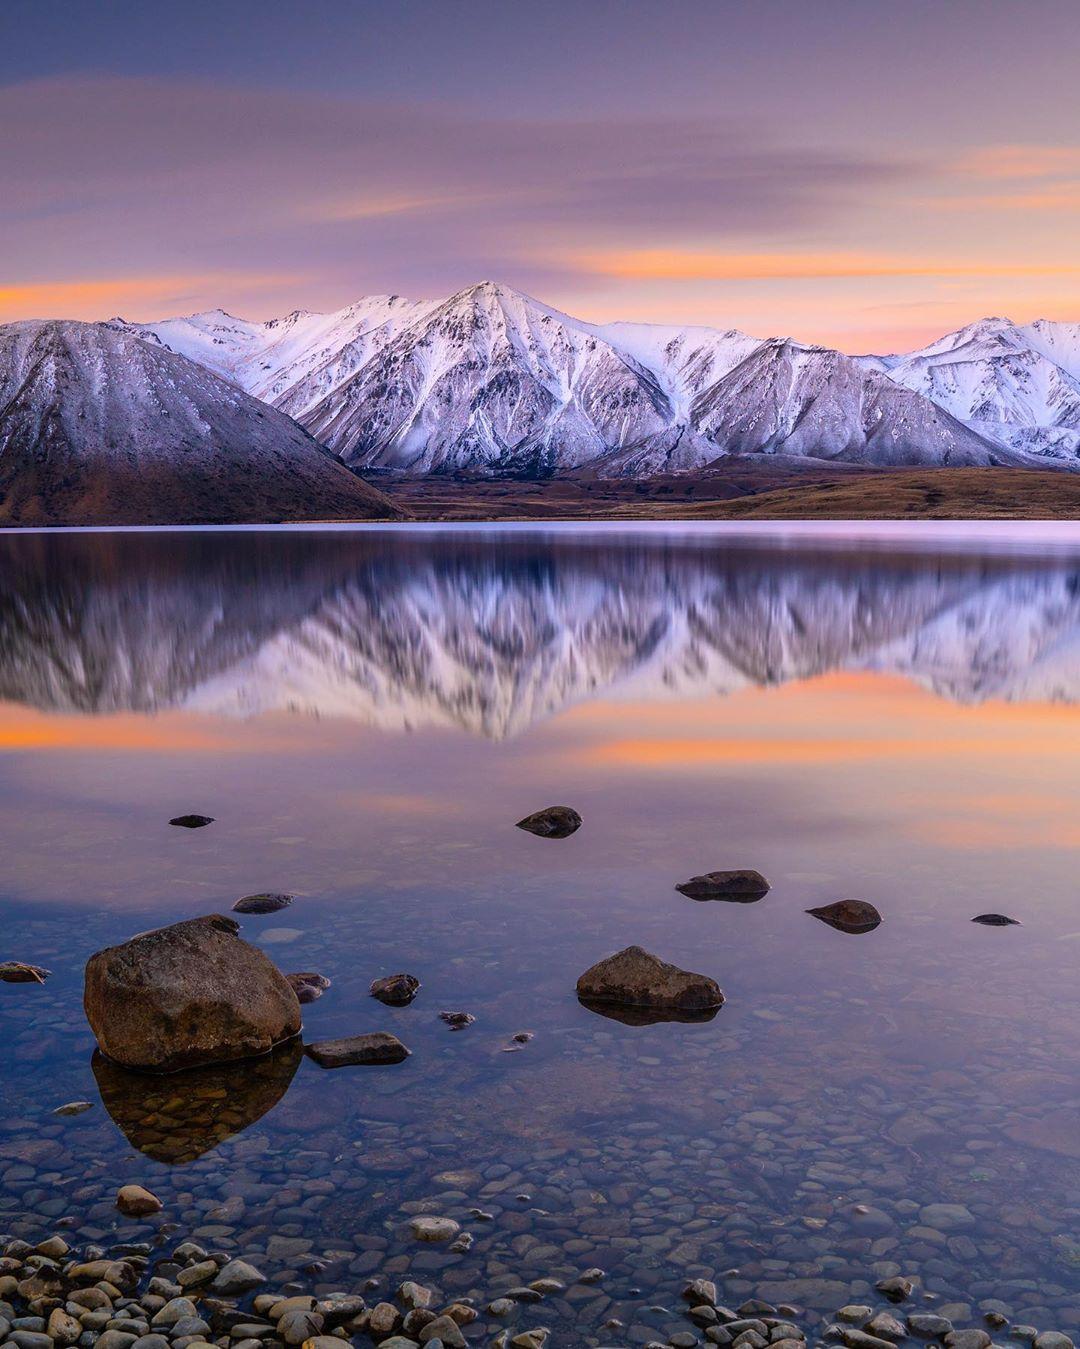 как правильно выбрать пейзаж для красивого фото съемку